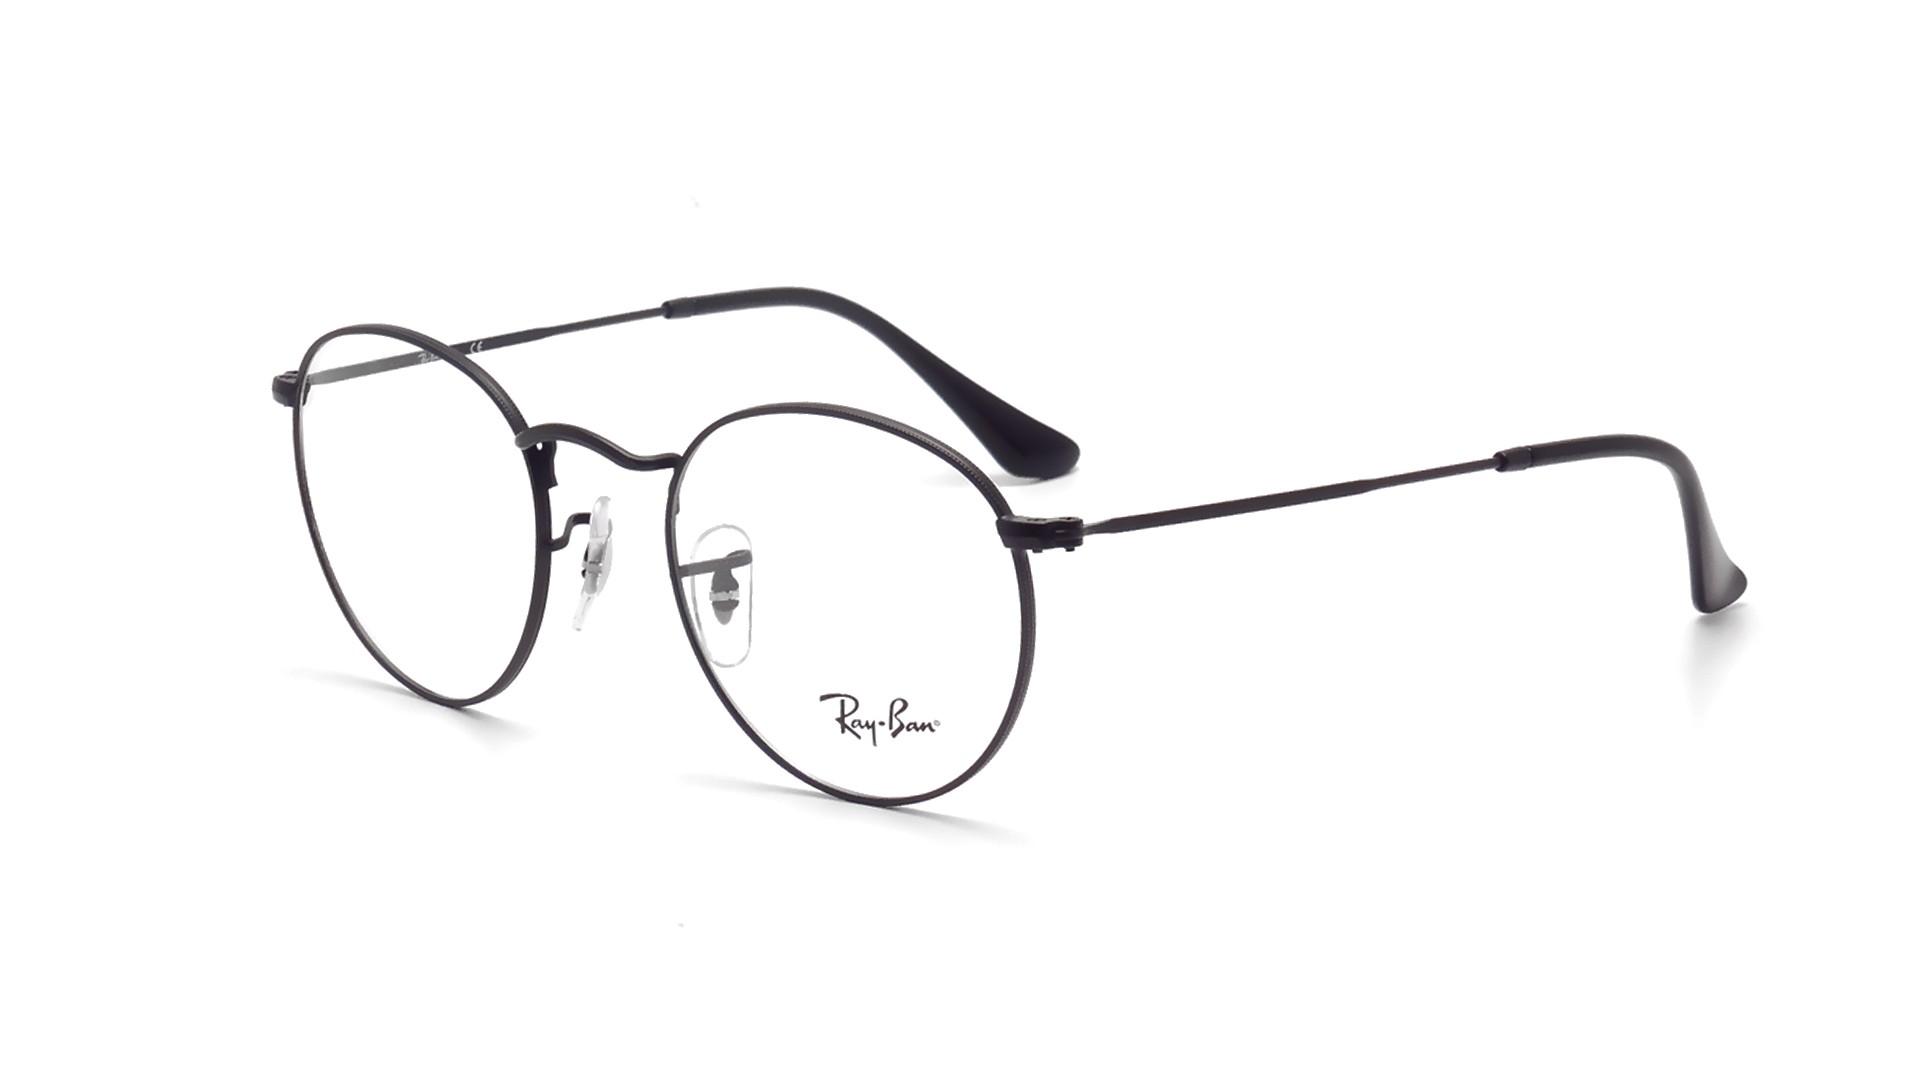 b18315e0e Eyeglasses Ray-Ban Round Metal RX3447 RB3447V 2503 47-21 Black Small